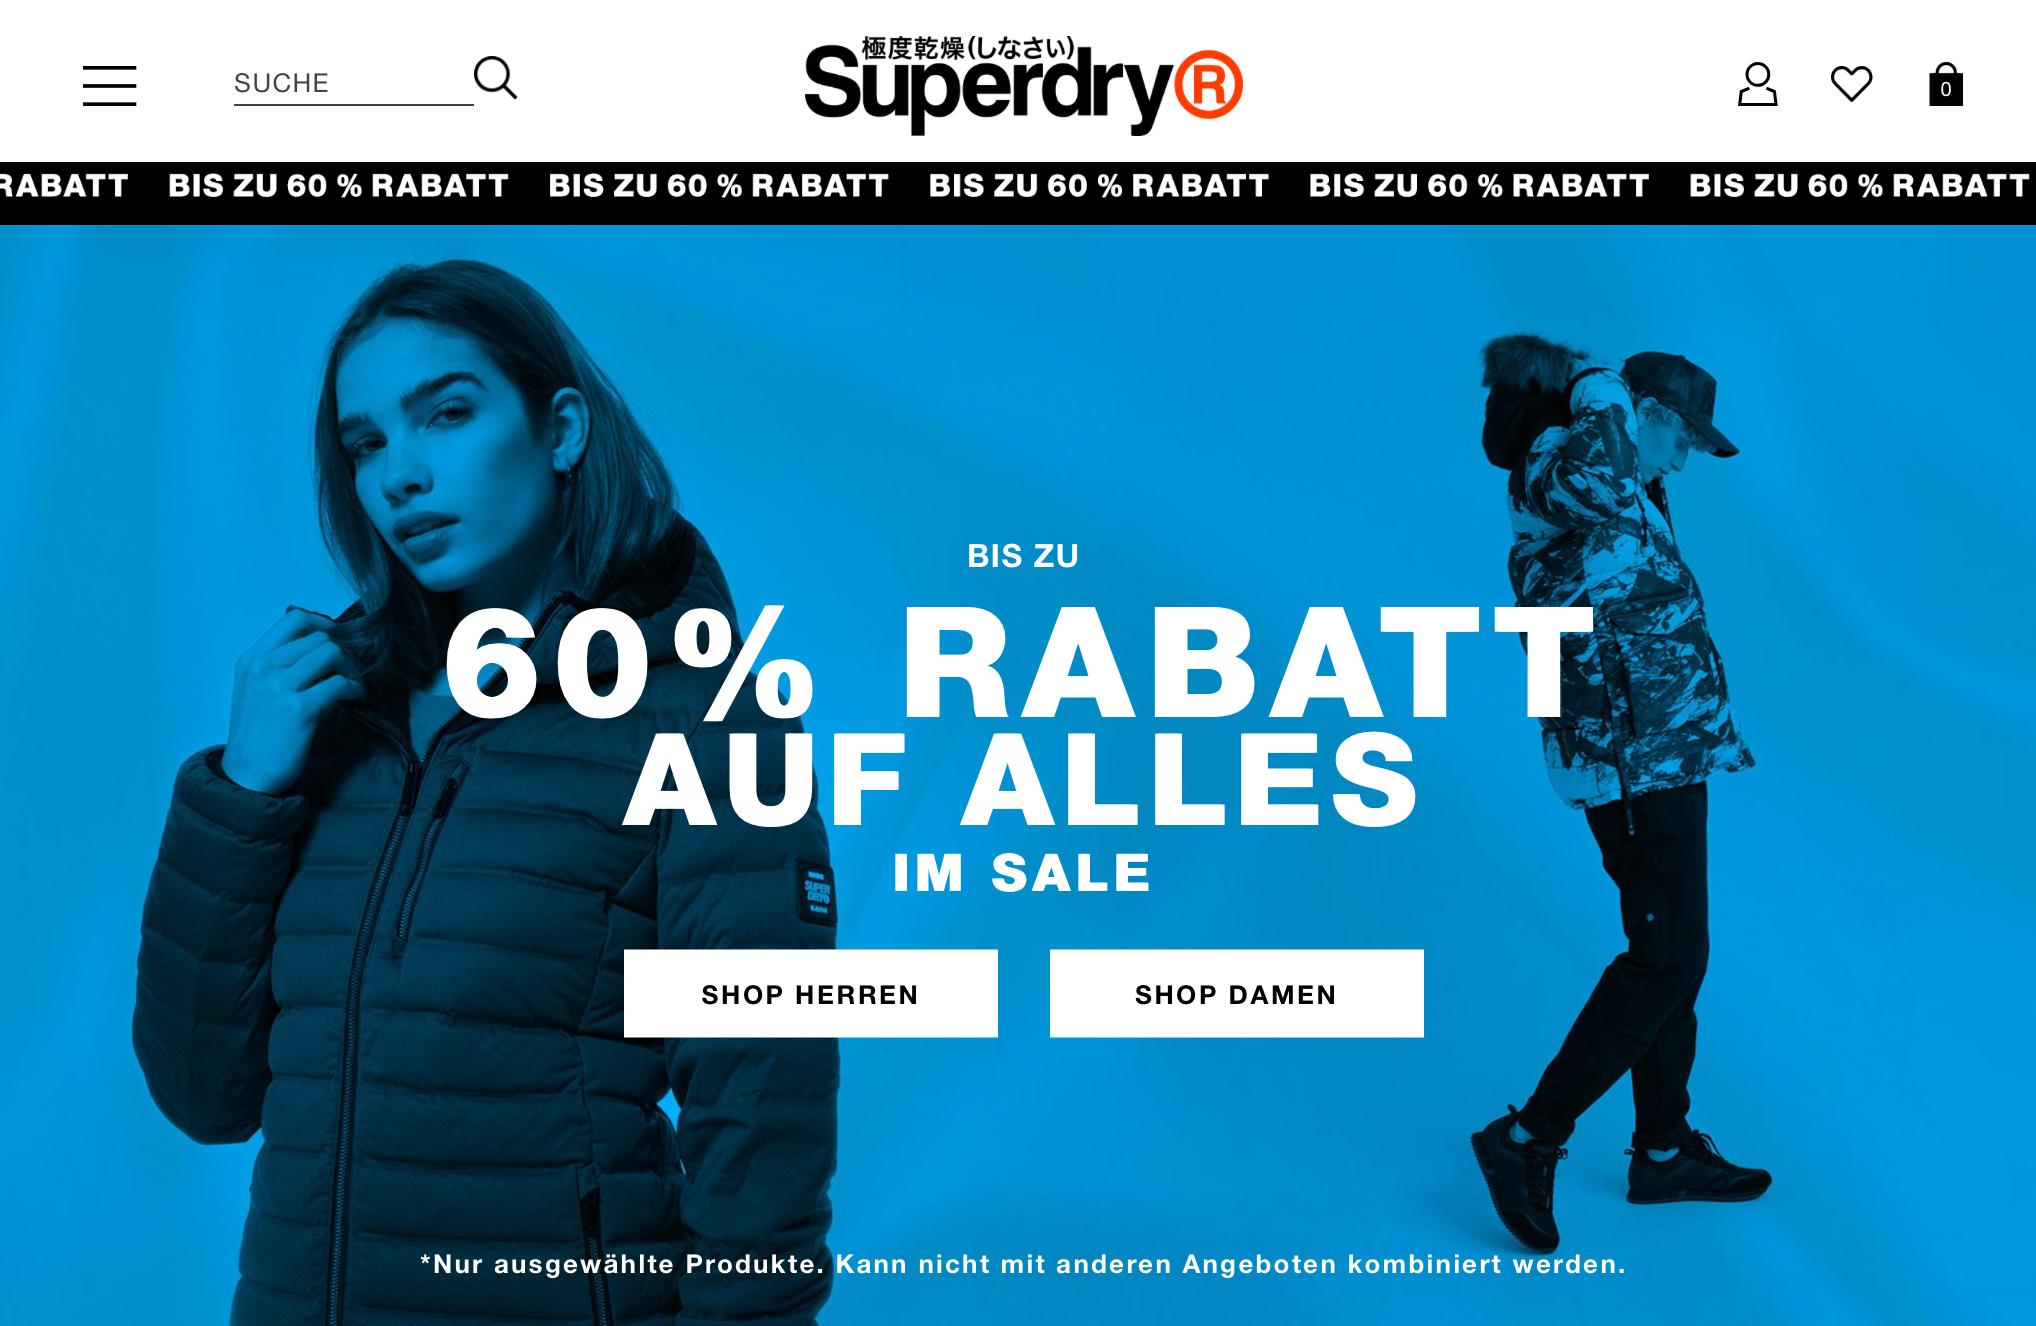 Superdry] Bis zu 60% Rabatt auf Alles im Sale + kostenloser